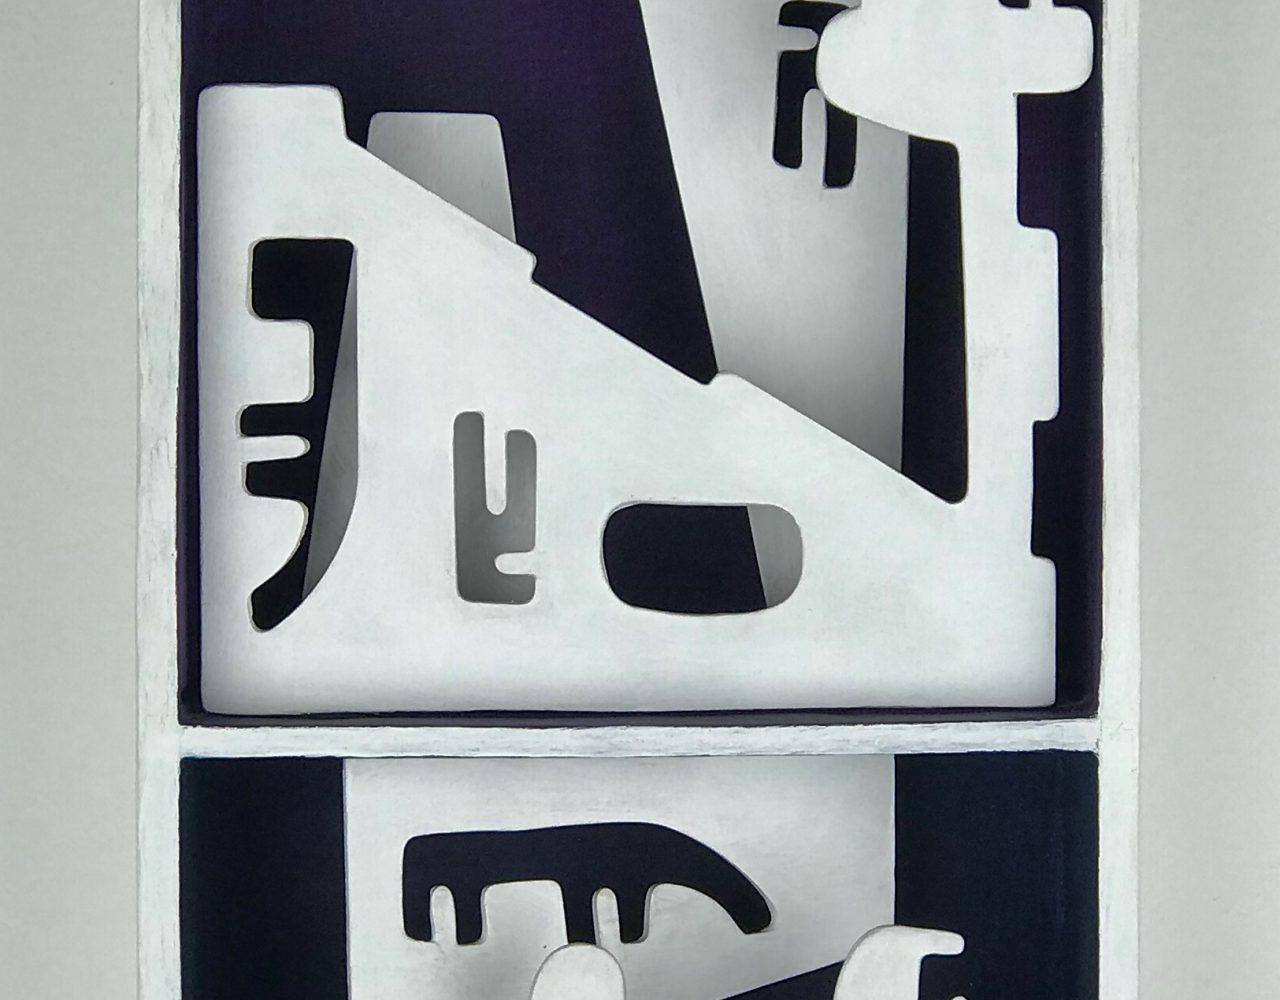 PAISAGEM URBANA / Acrílica sobre madeira </br> <em>URBAN LANDSCAPE / Acrylic on wood</em> </br> 21 x  14 x 5 cm </br> 2014